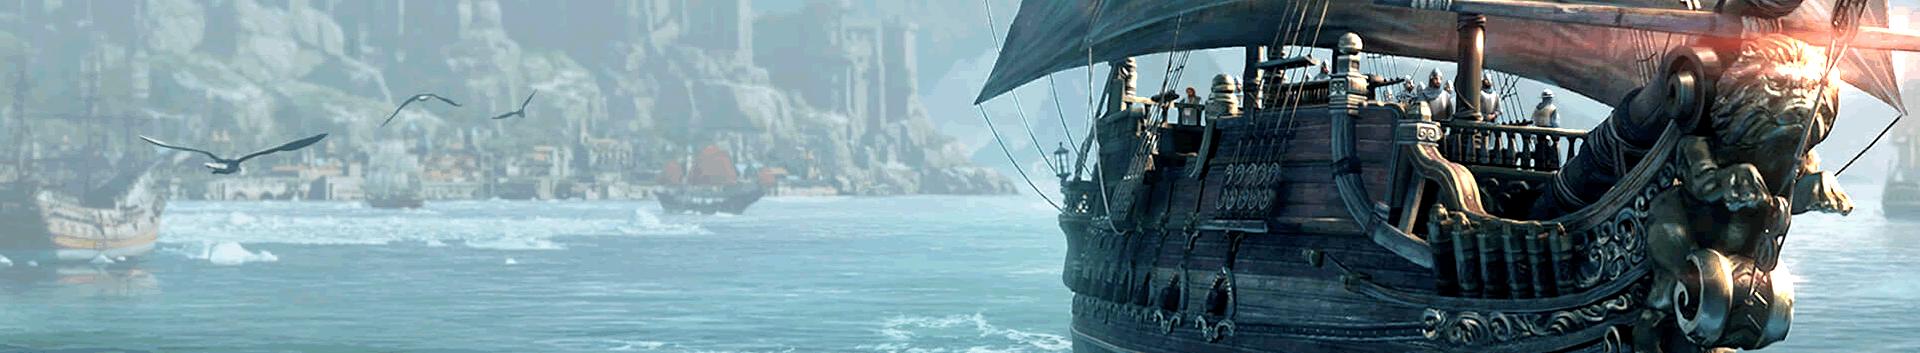 Uno de los diferentes barcos y puertos de Lost Ark Online.